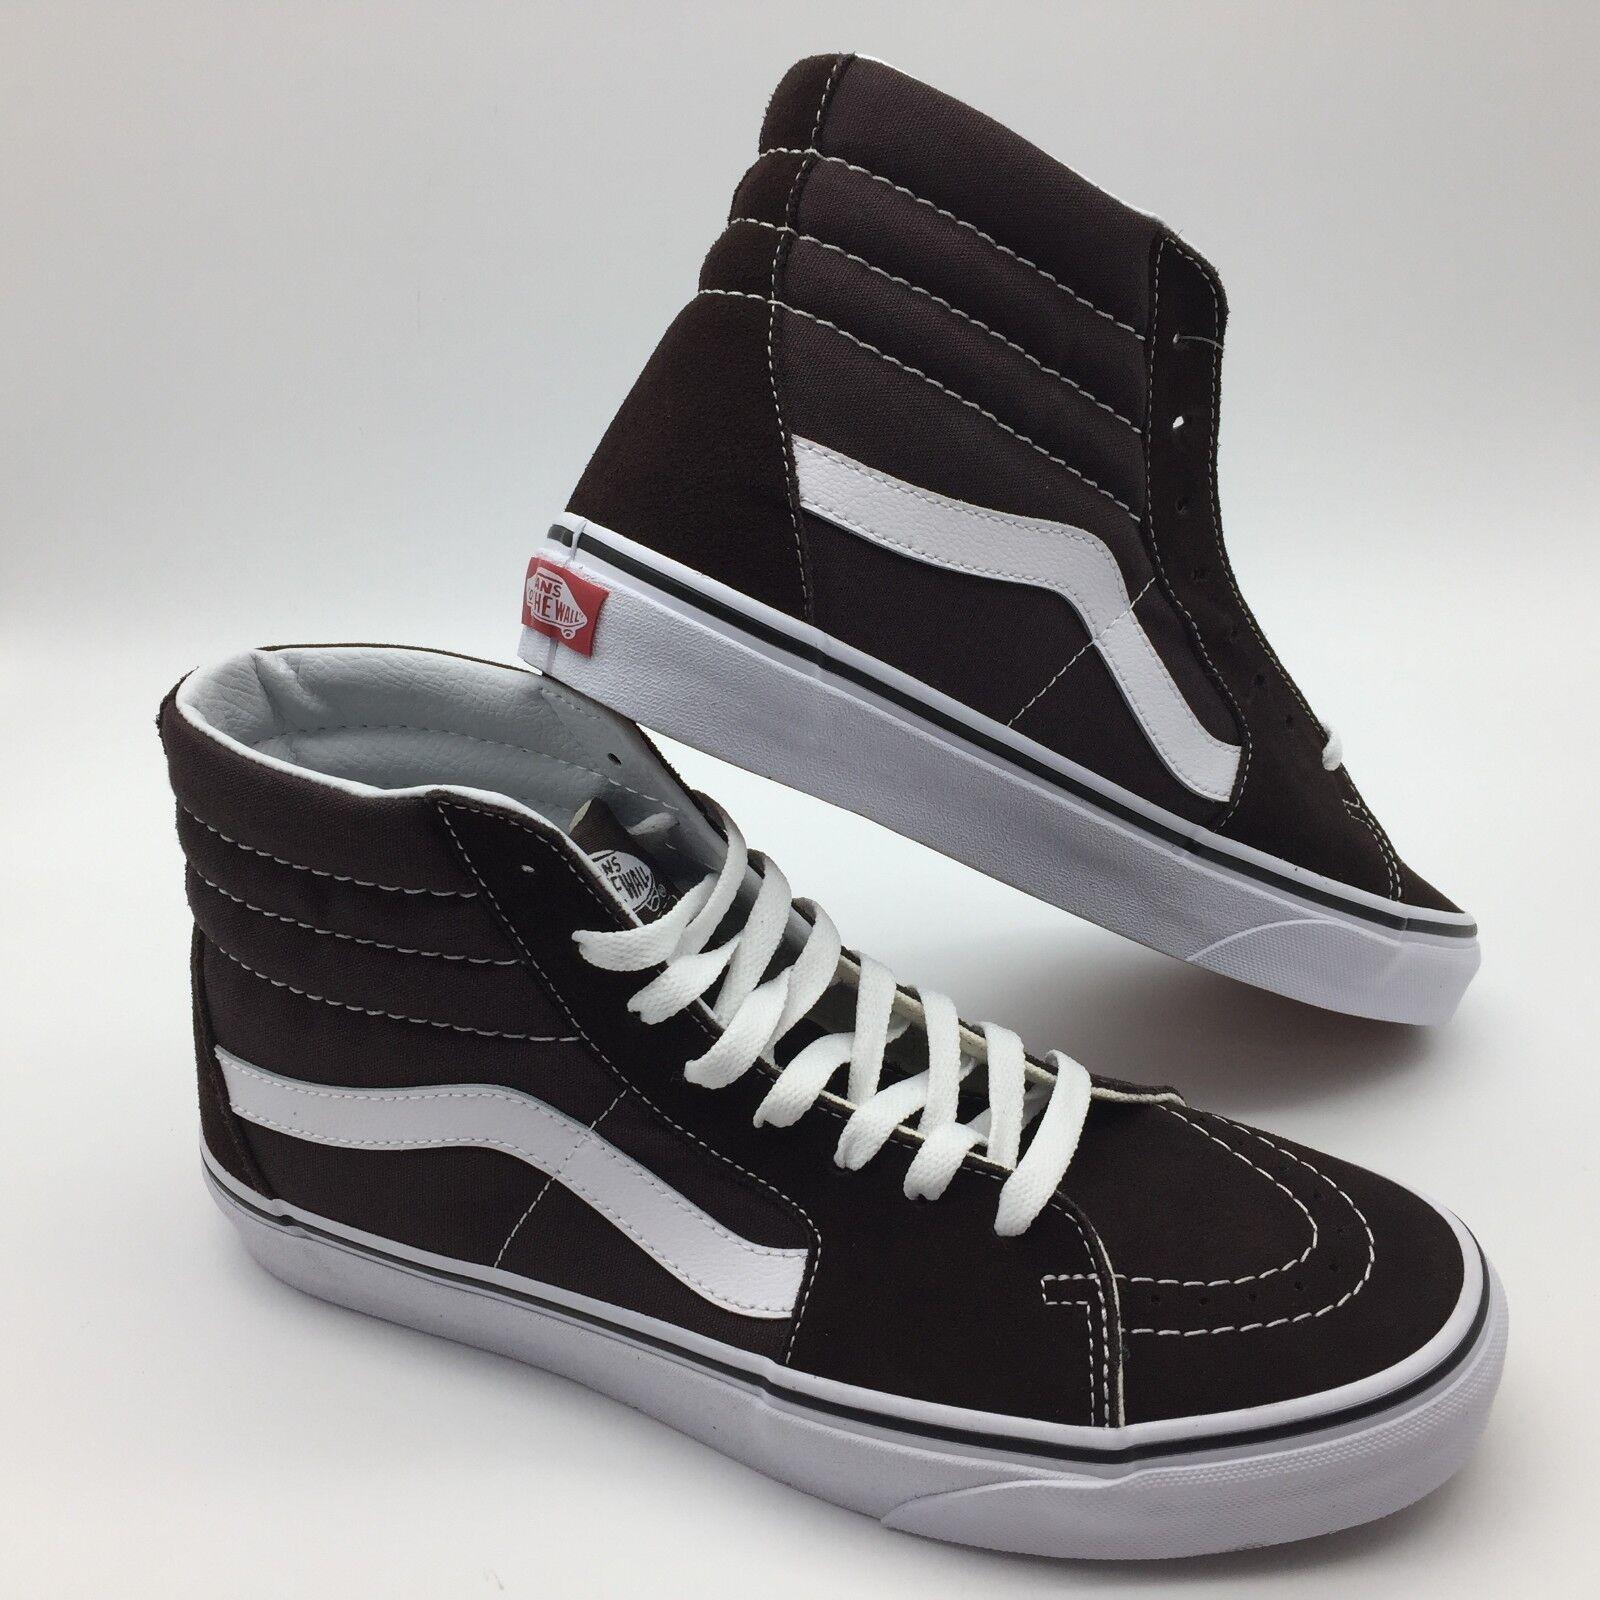 Vans Men's shoes  Sk8-Hi  Chocolate Torte True Whit